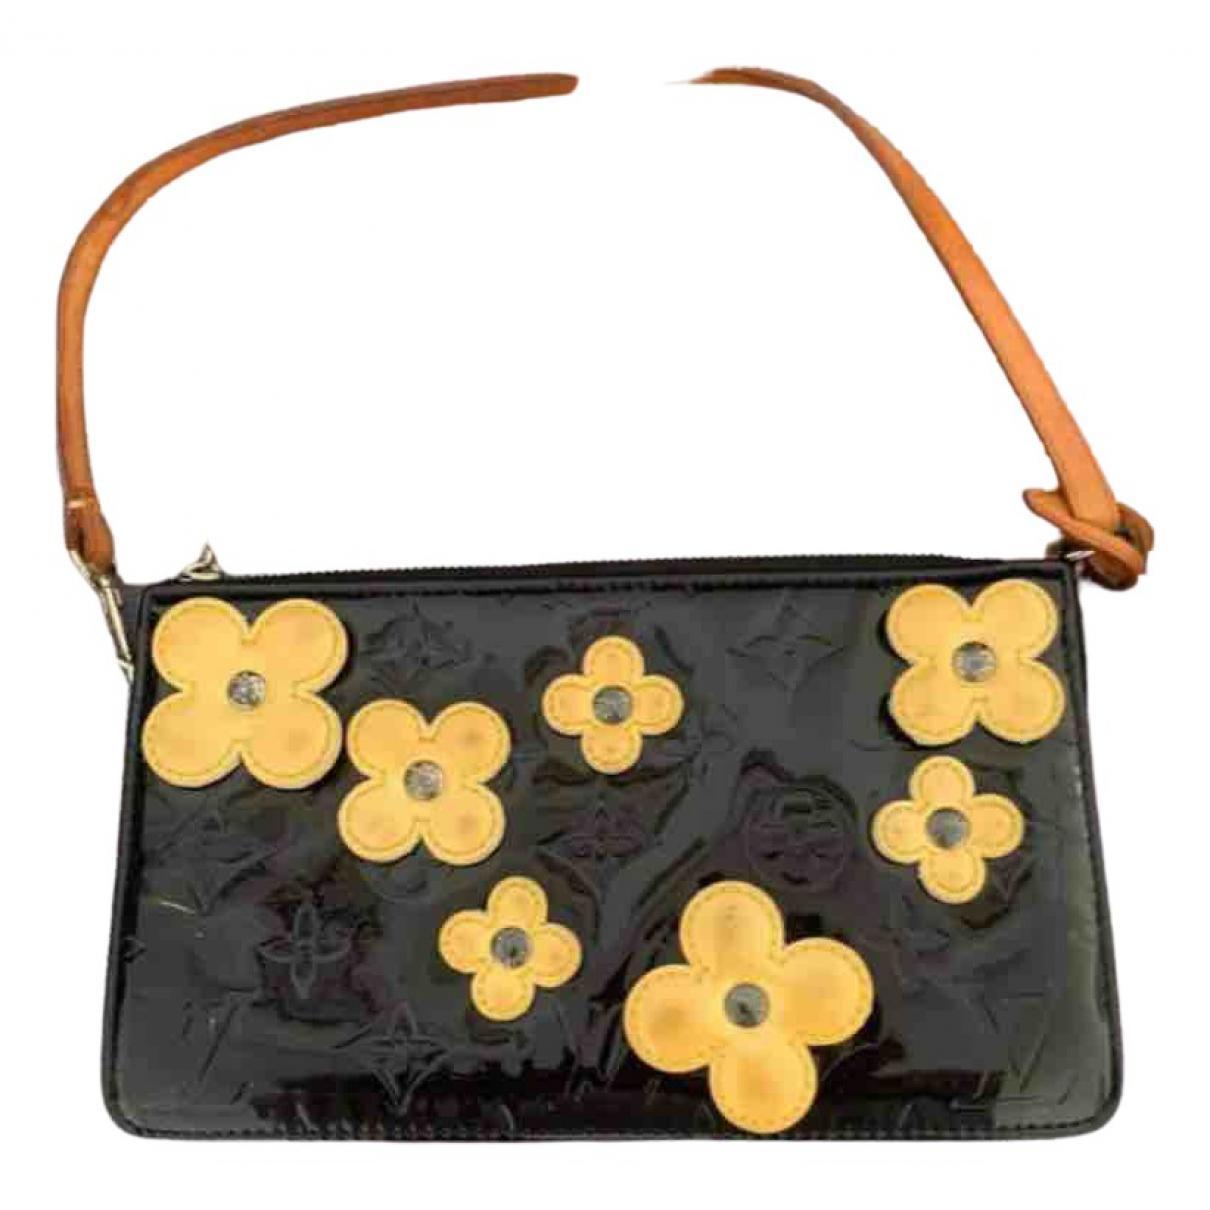 Louis Vuitton Lexington Black Patent leather Clutch bag for Women \N